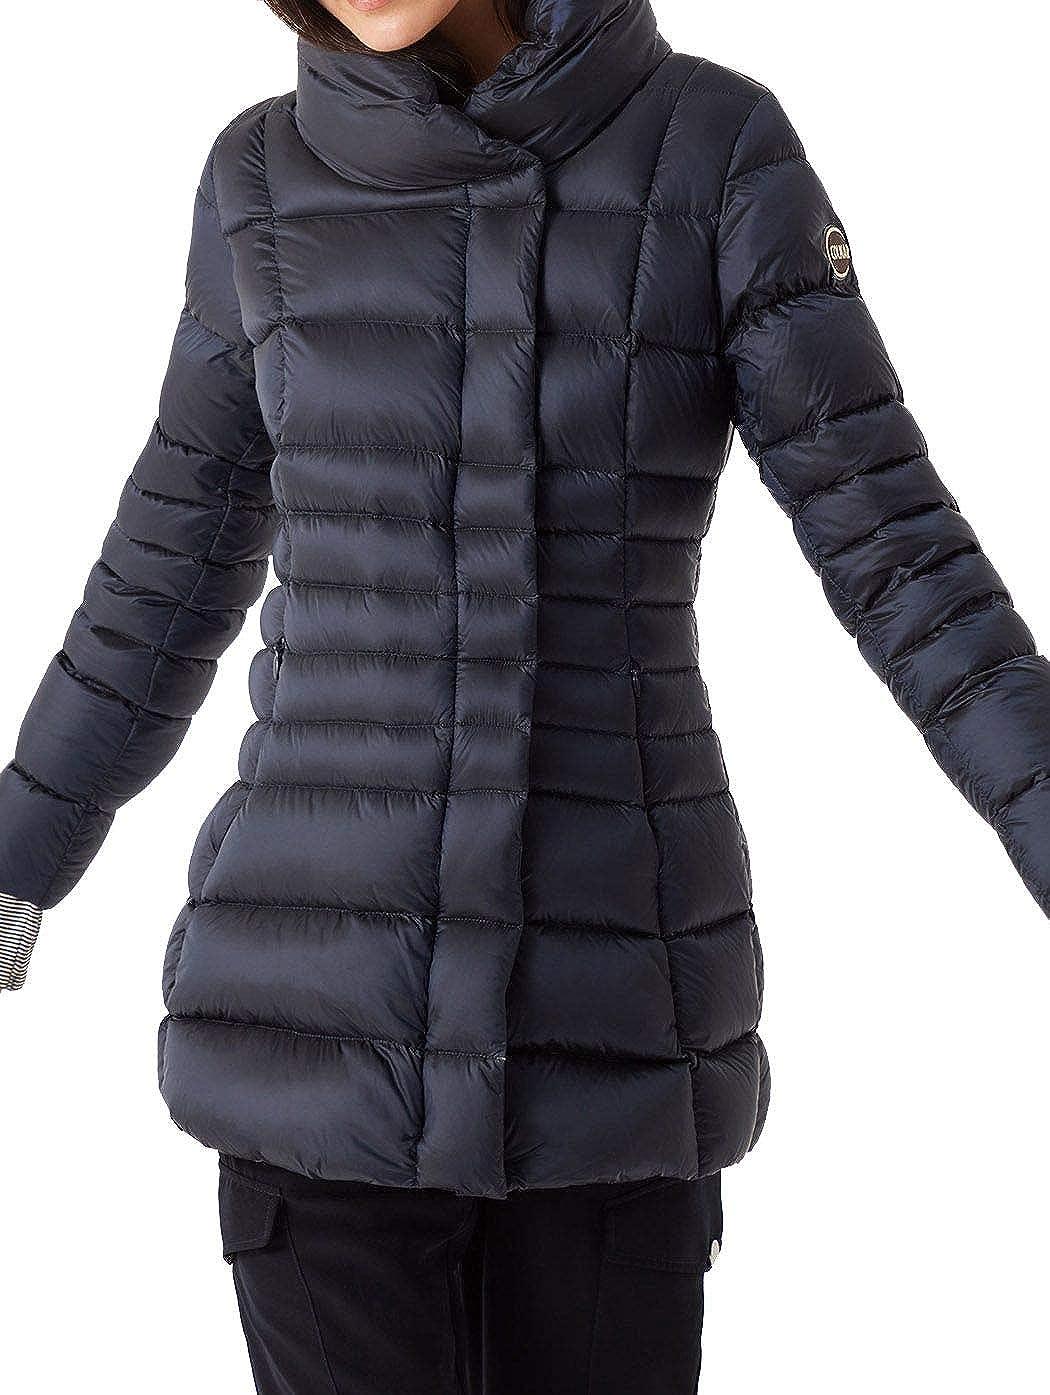 COLMAR ORIGINALS Luxury Fashion 22717QD68 Piumino da donna